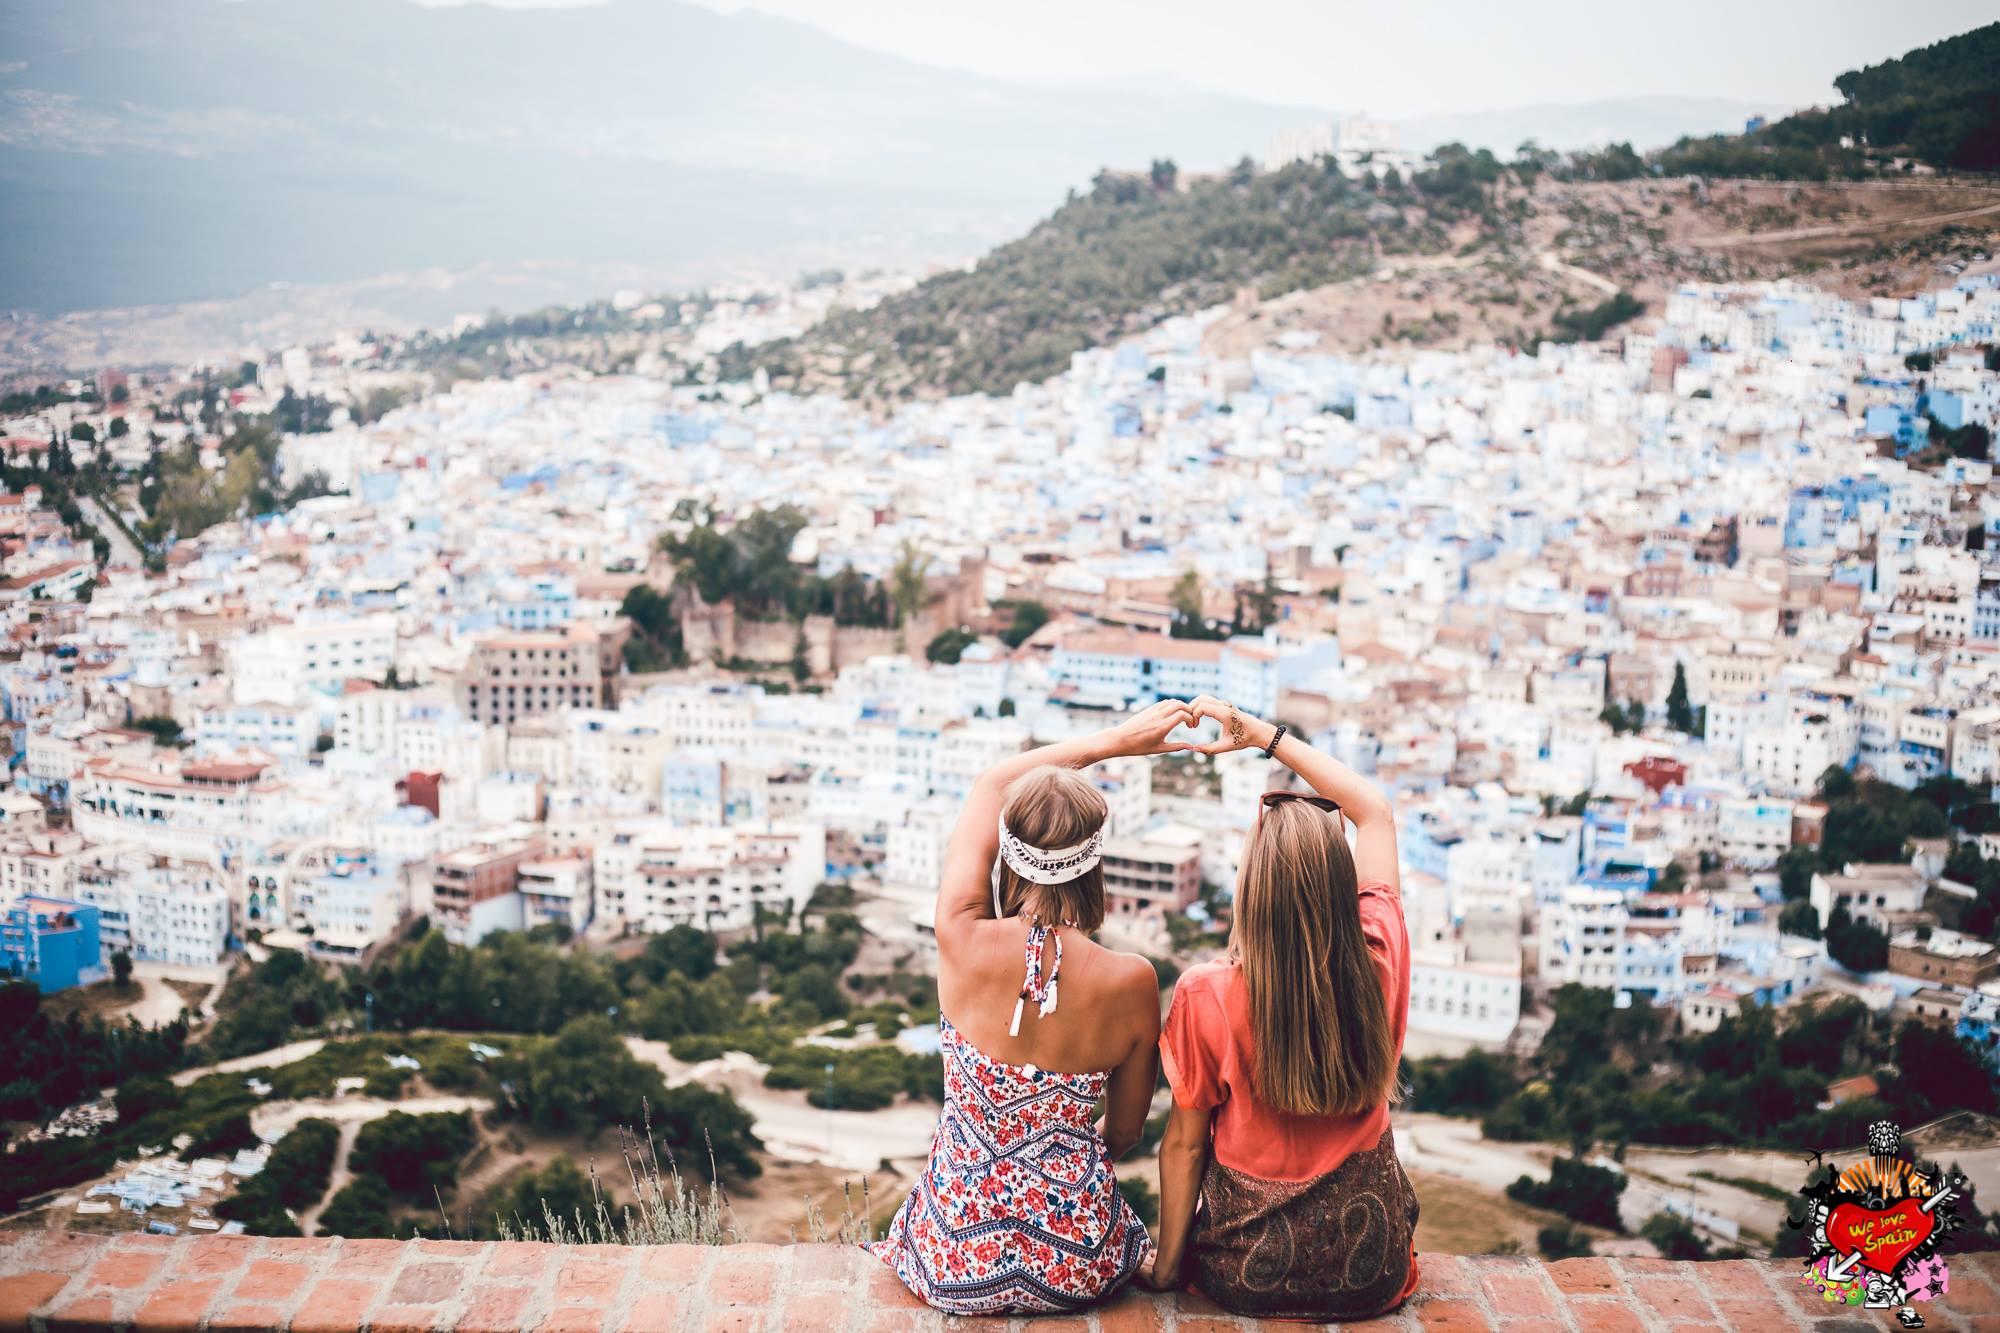 chefchaouen tipps-marokko-reiseblog-blaue stadt-chaouen